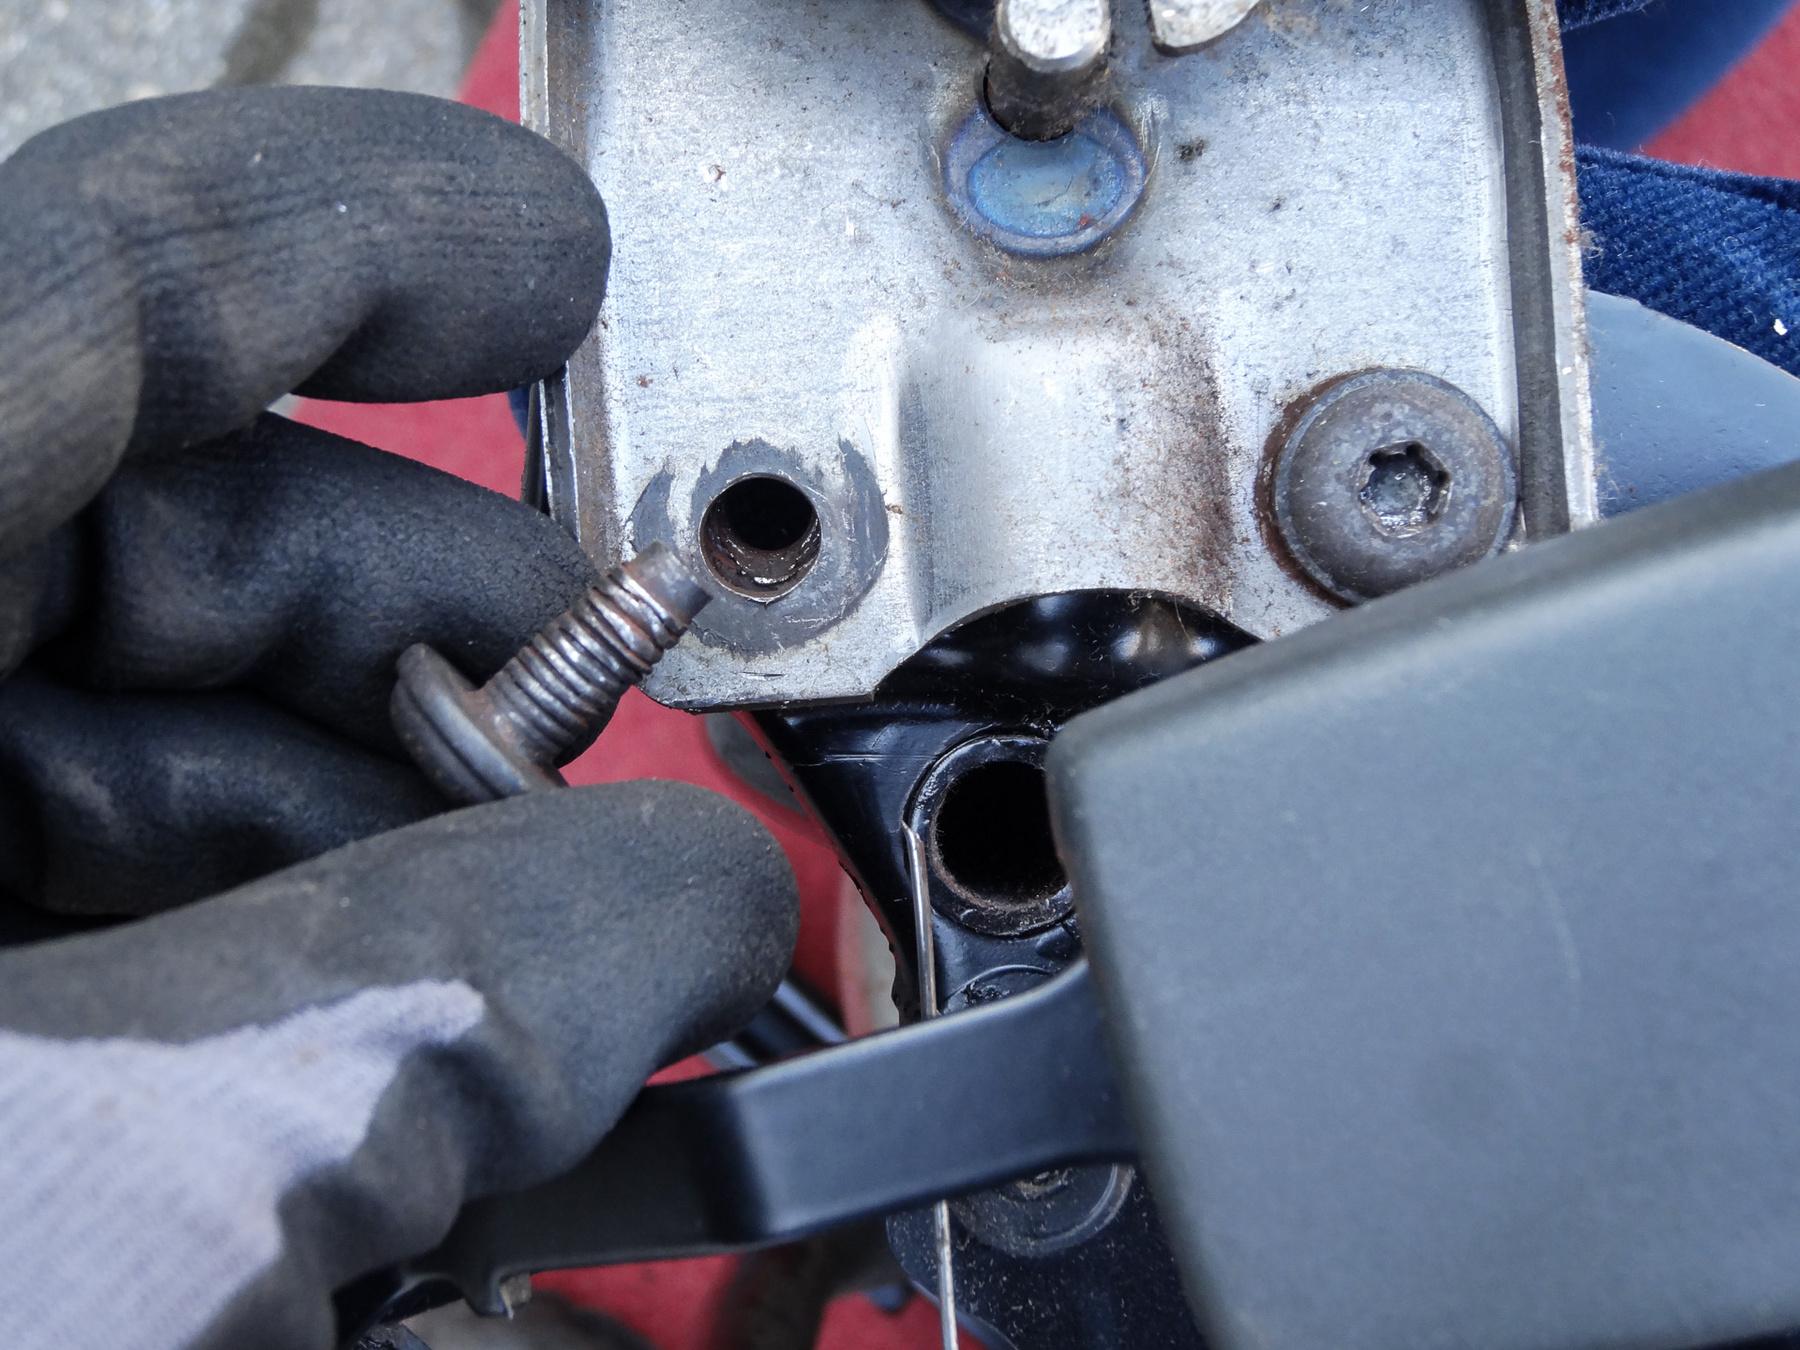 Ez is típusbetegség, kicsit javítottam rajta, de nem sikerült tökéletesen a helyére hajlítani a zárat tartó acéllemezt